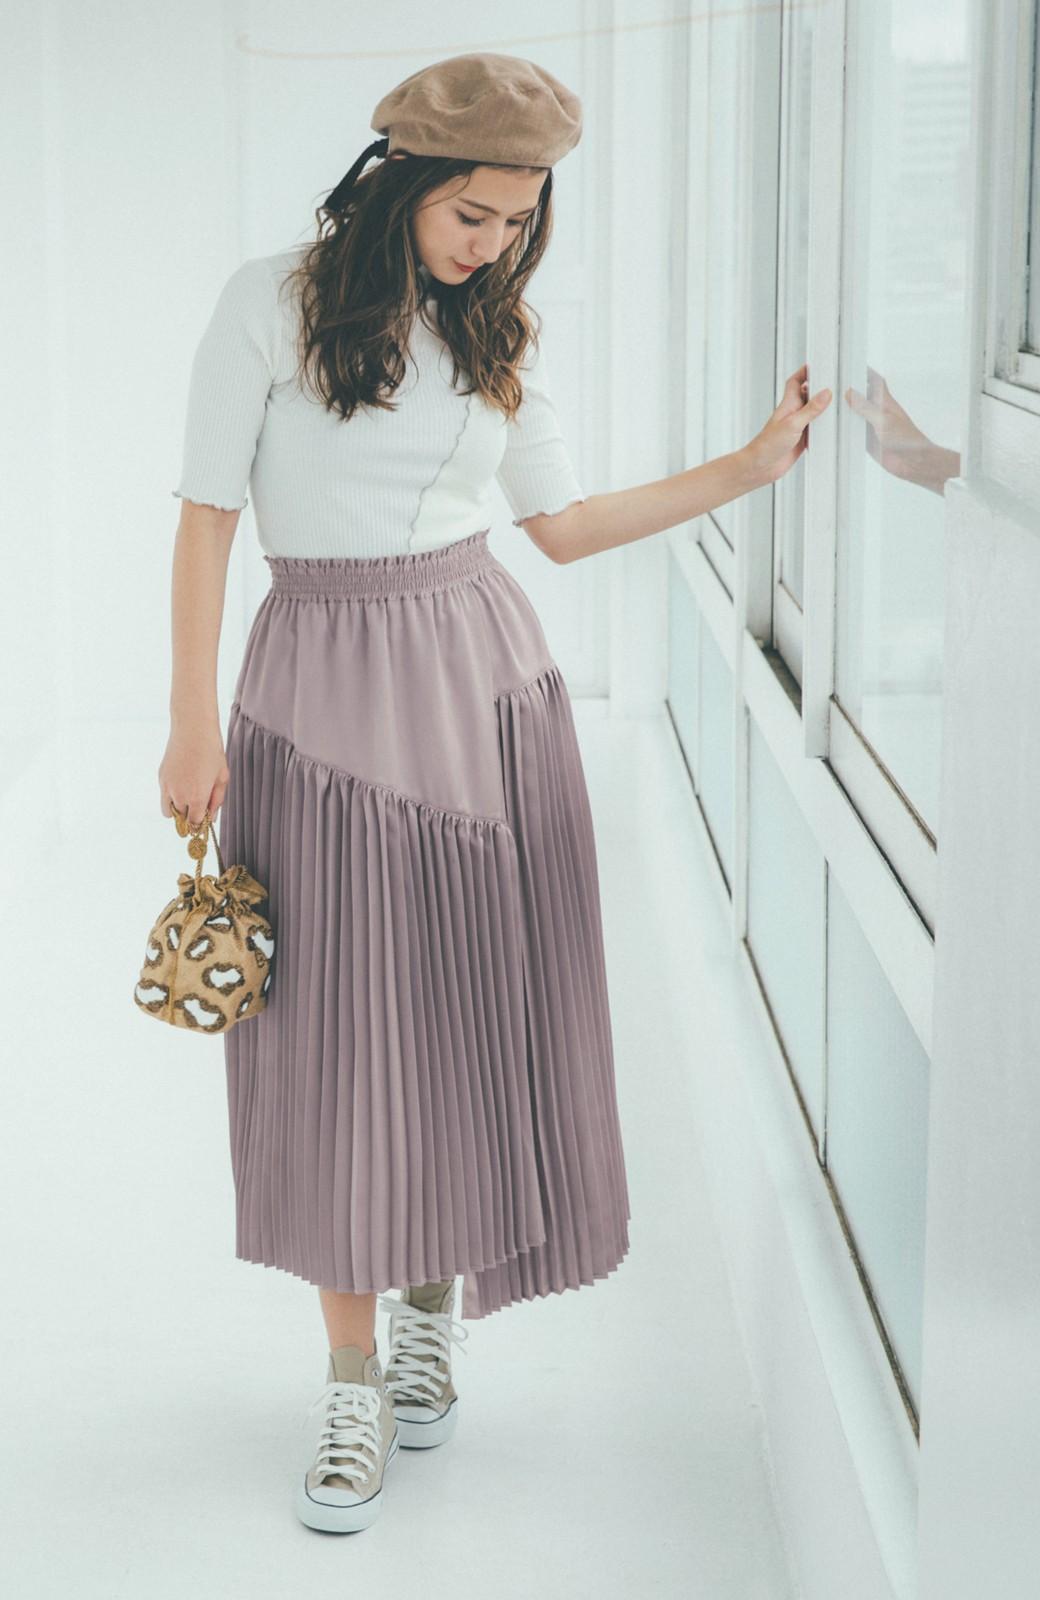 haco! 【スザンヌさんコラボ】スウェットもTシャツも着映えさせる!ラップデザイン風アシンメトリーサテンプリーツスカート by LOVE&PEACE PROJECT <スモークピンク>の商品写真9